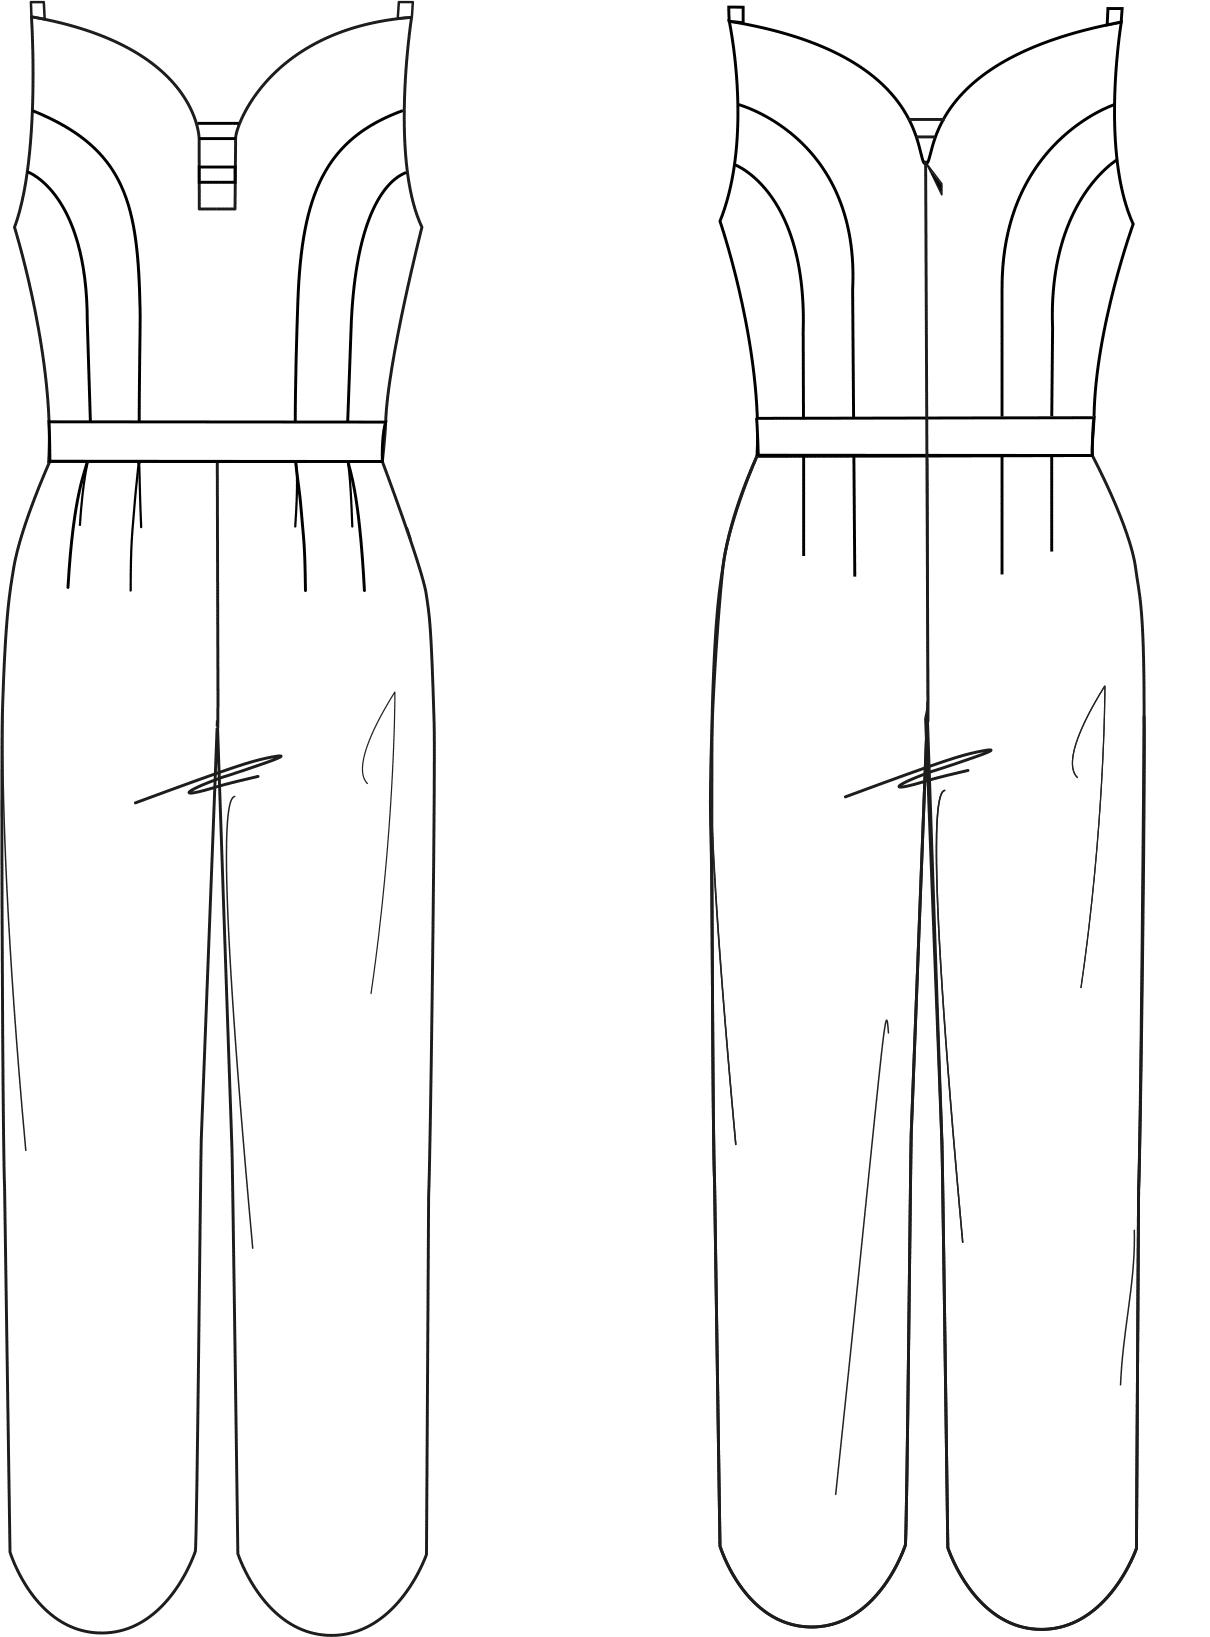 Zu sehen ist die technische Zeichnung der Vorder- und Rückansicht eines Overalls in Herz Form. Sie dient als Vorlage für die Schnitt-Technik.